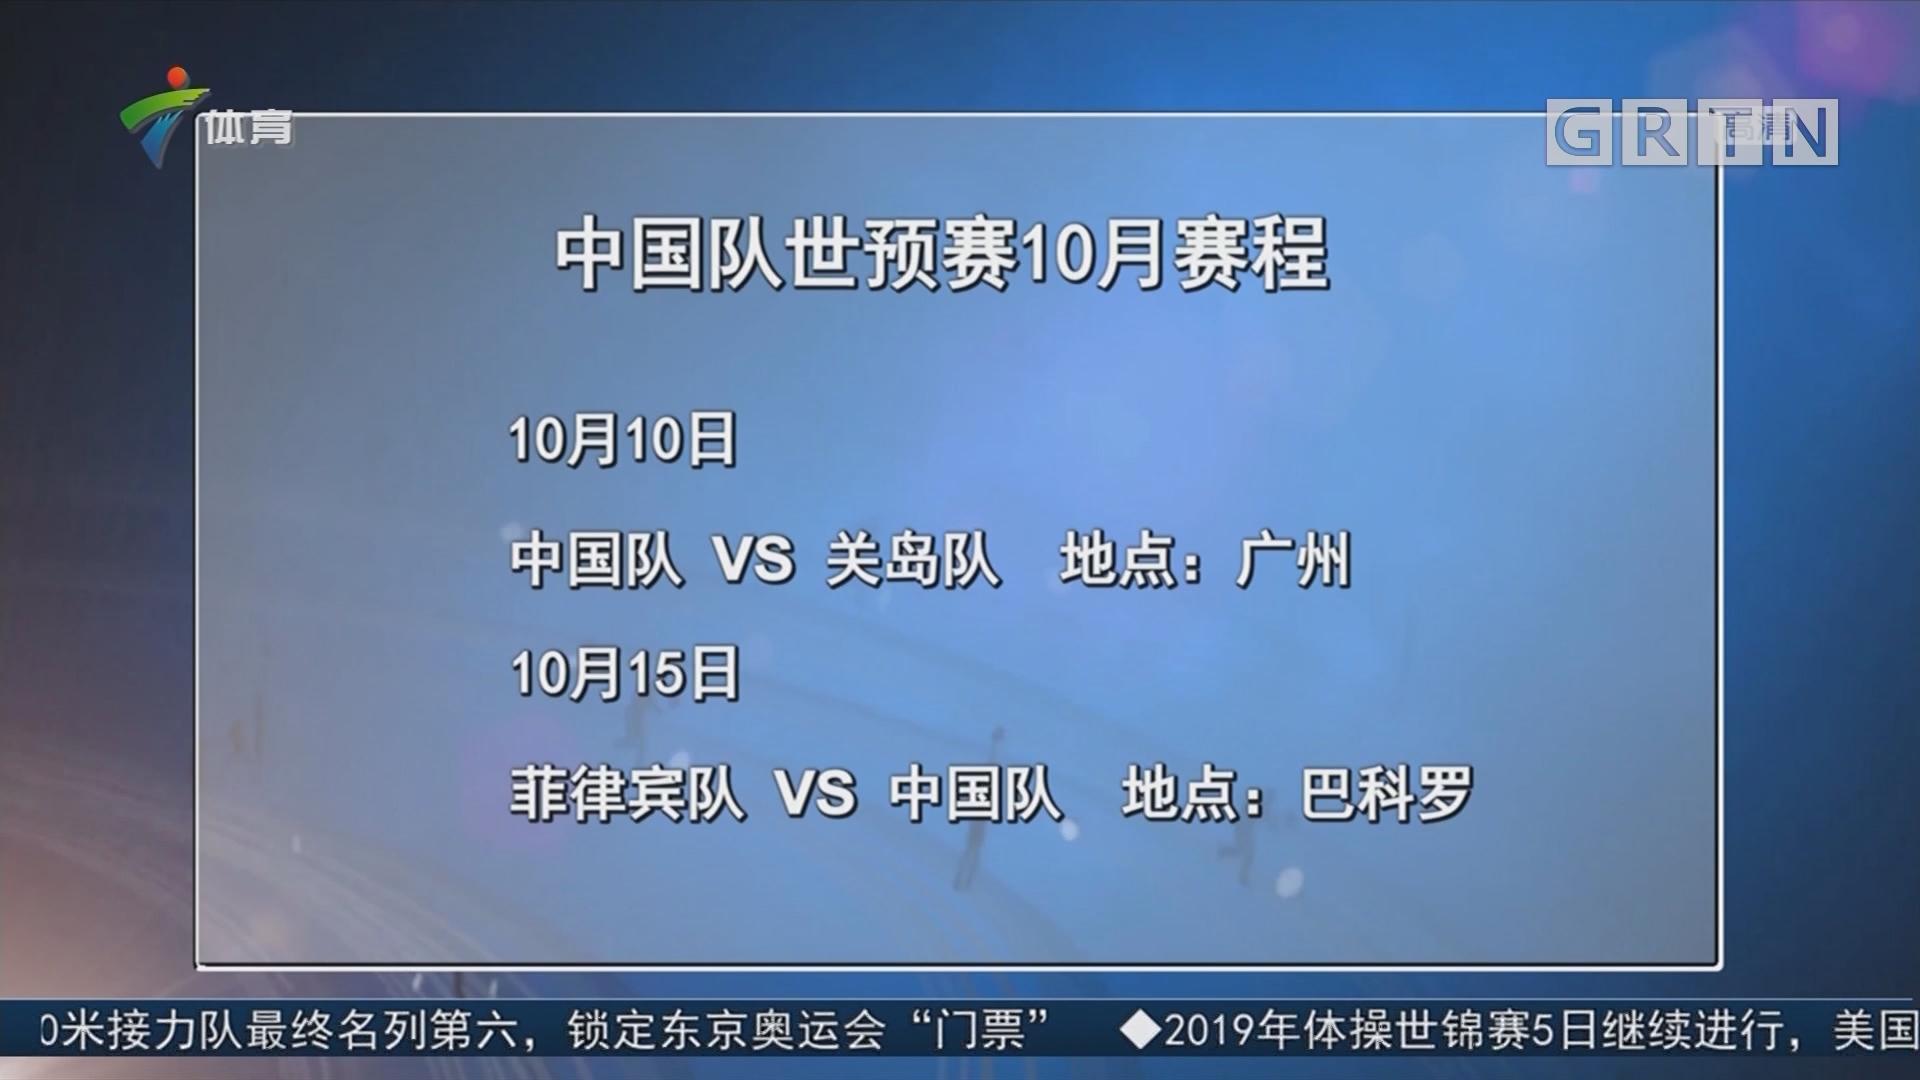 中国队世预赛10月赛程